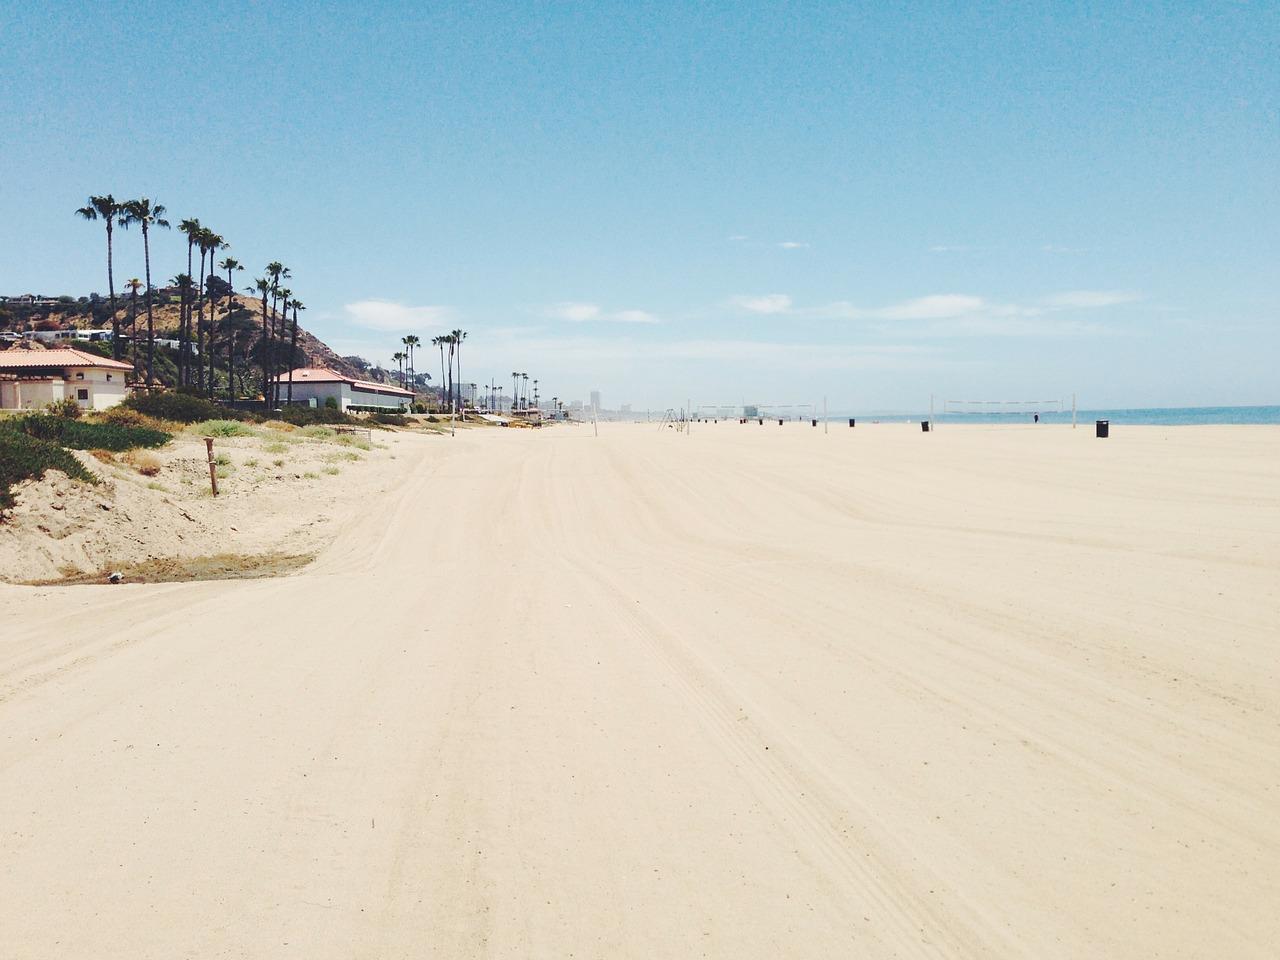 beach-336600_1280.jpg